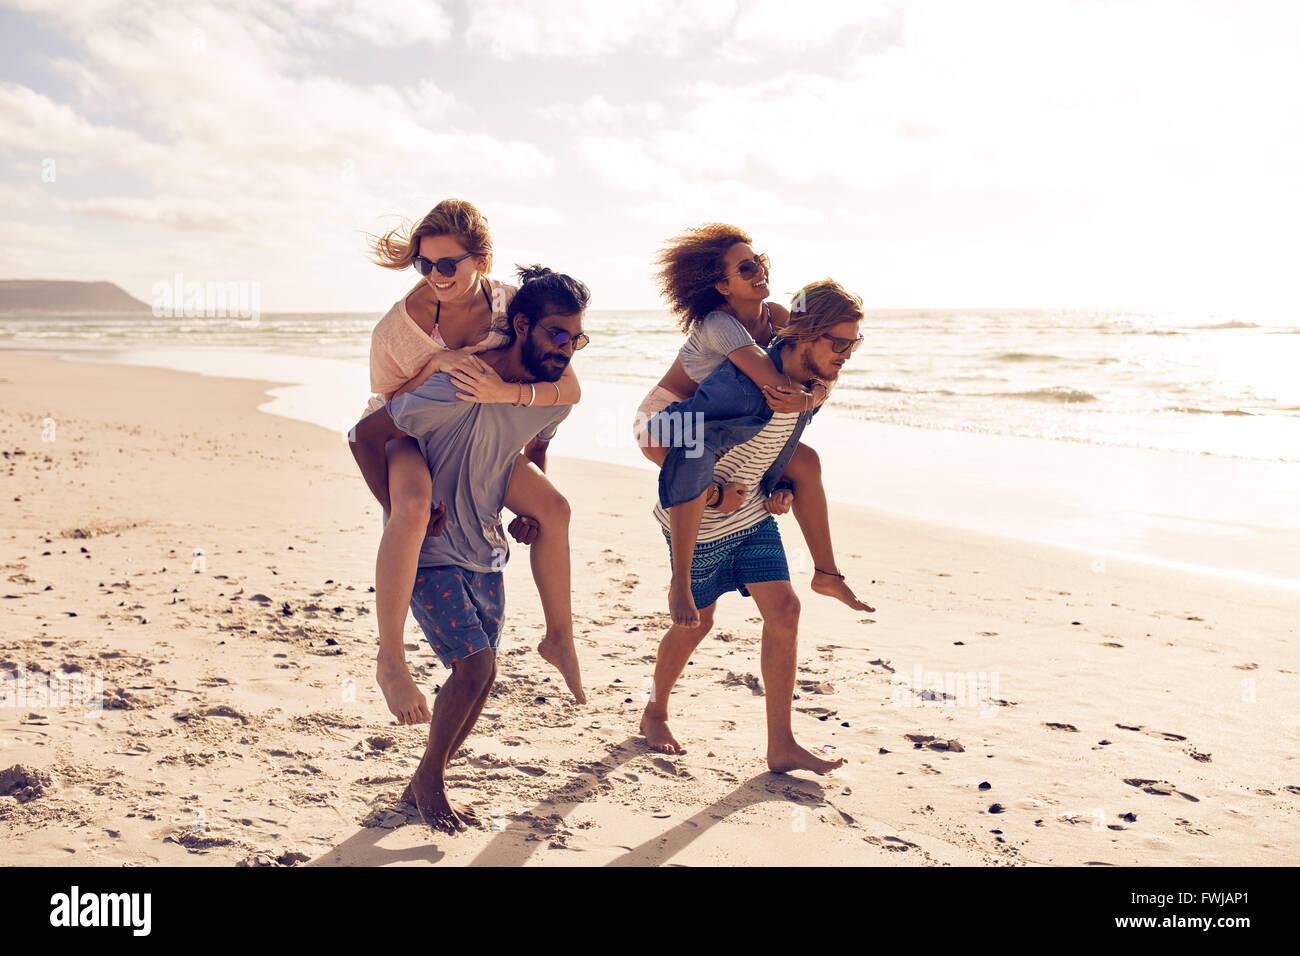 Deux belles jeunes couples marcher le long de la plage, avec des hommes en donnant aux femmes piggyback ride. Jeux Photo Stock